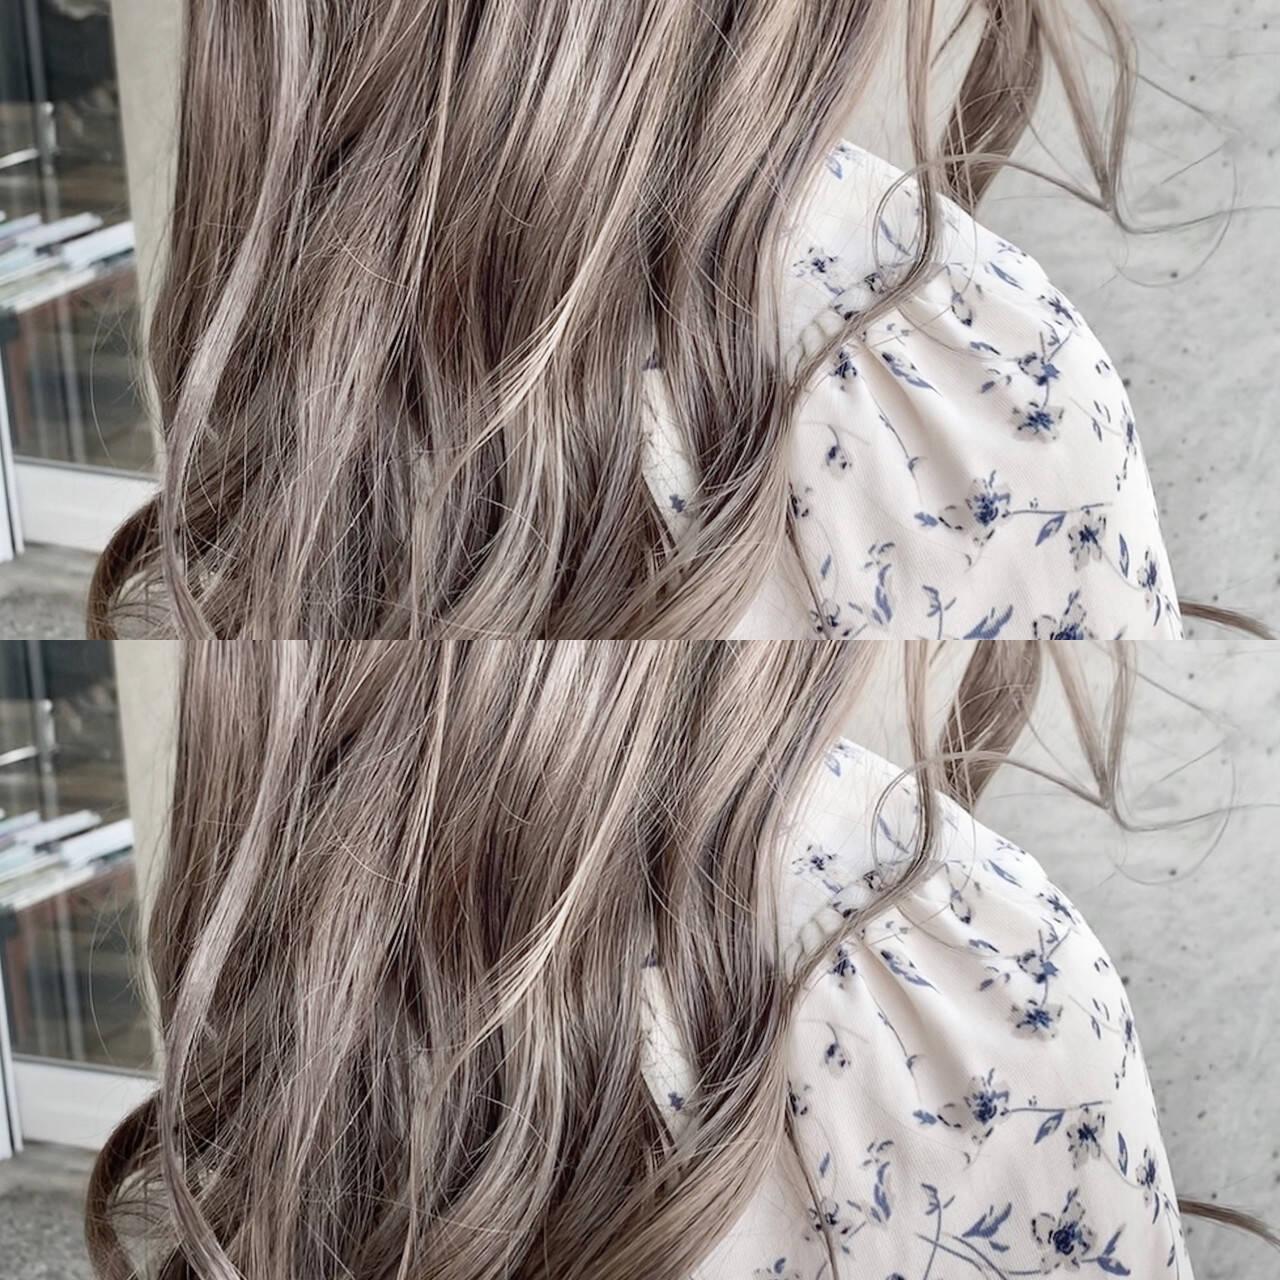 ミルクティーベージュ セミロング 透明感カラー グレージュヘアスタイルや髪型の写真・画像